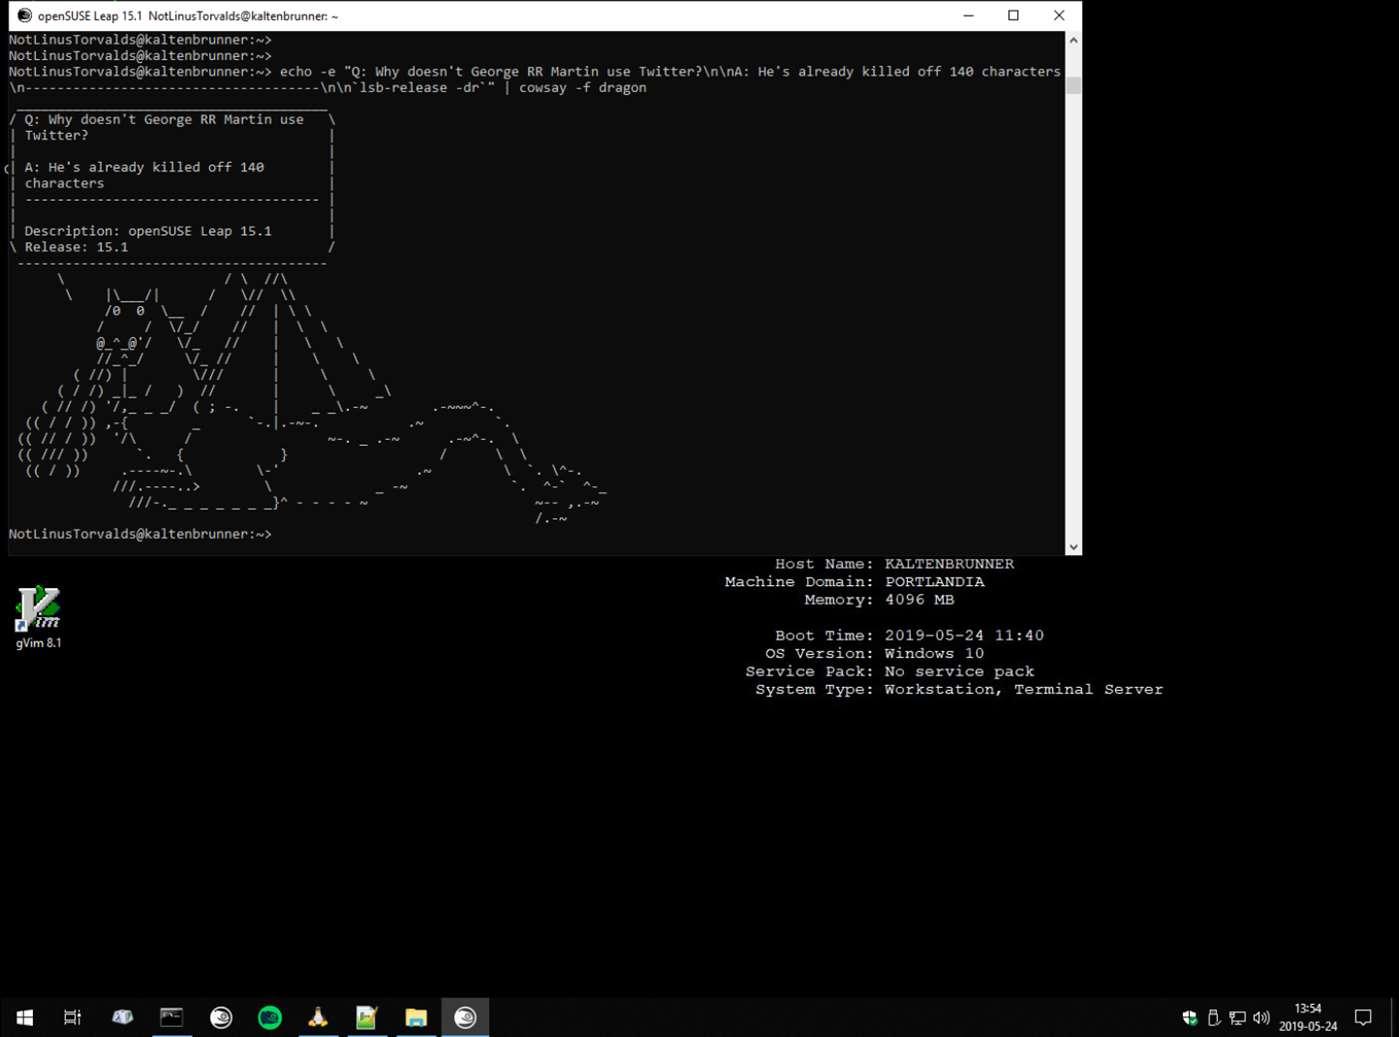 openSUSE-Leap-15-1 per Windows 10 | Download